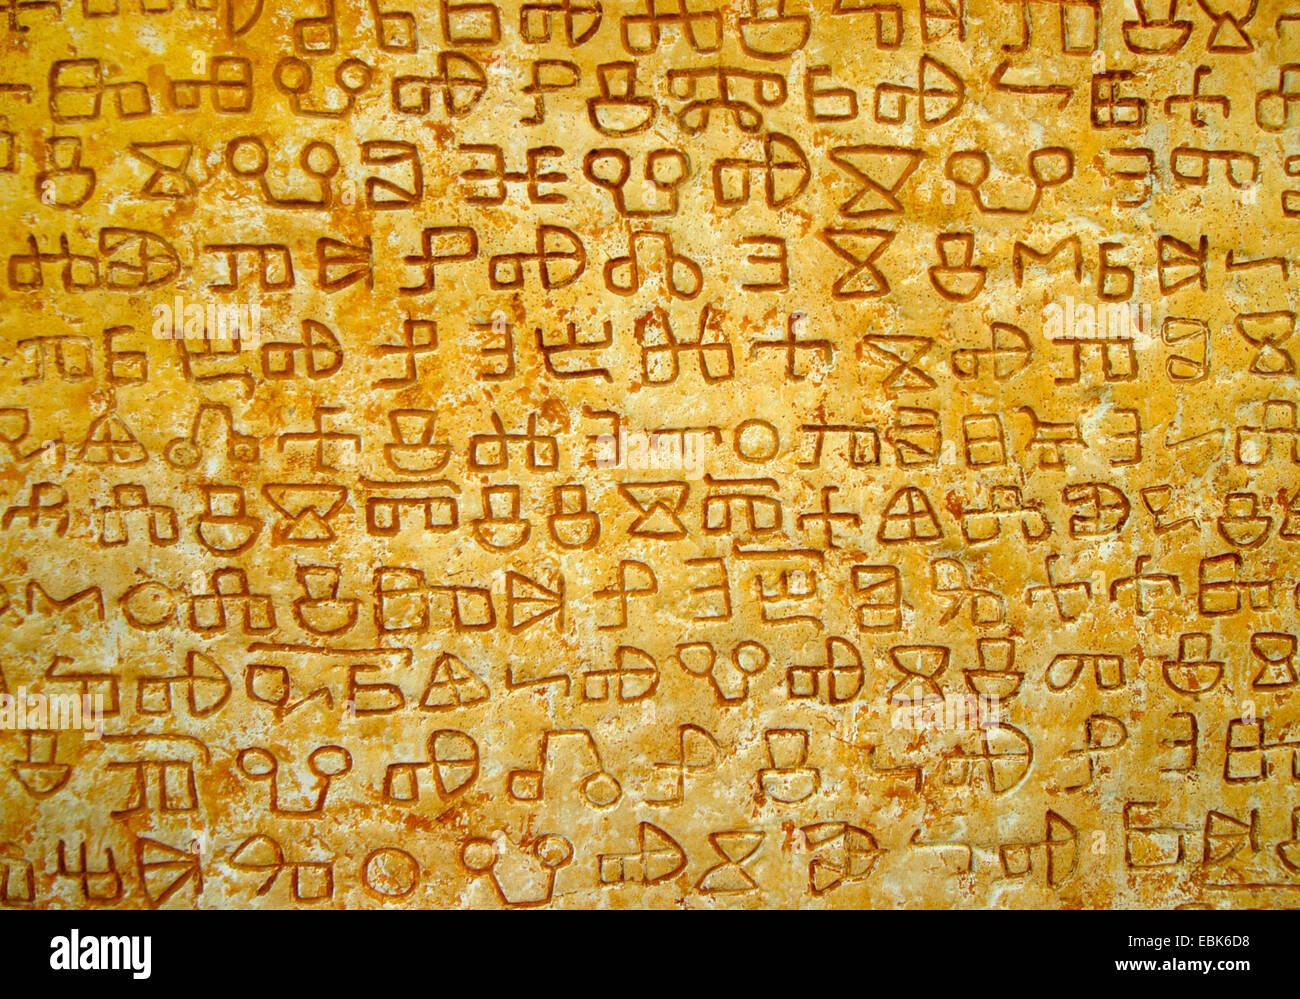 Inscription glagolitique sur une pierre à Valun, Croatie, Insel Cres Banque D'Images